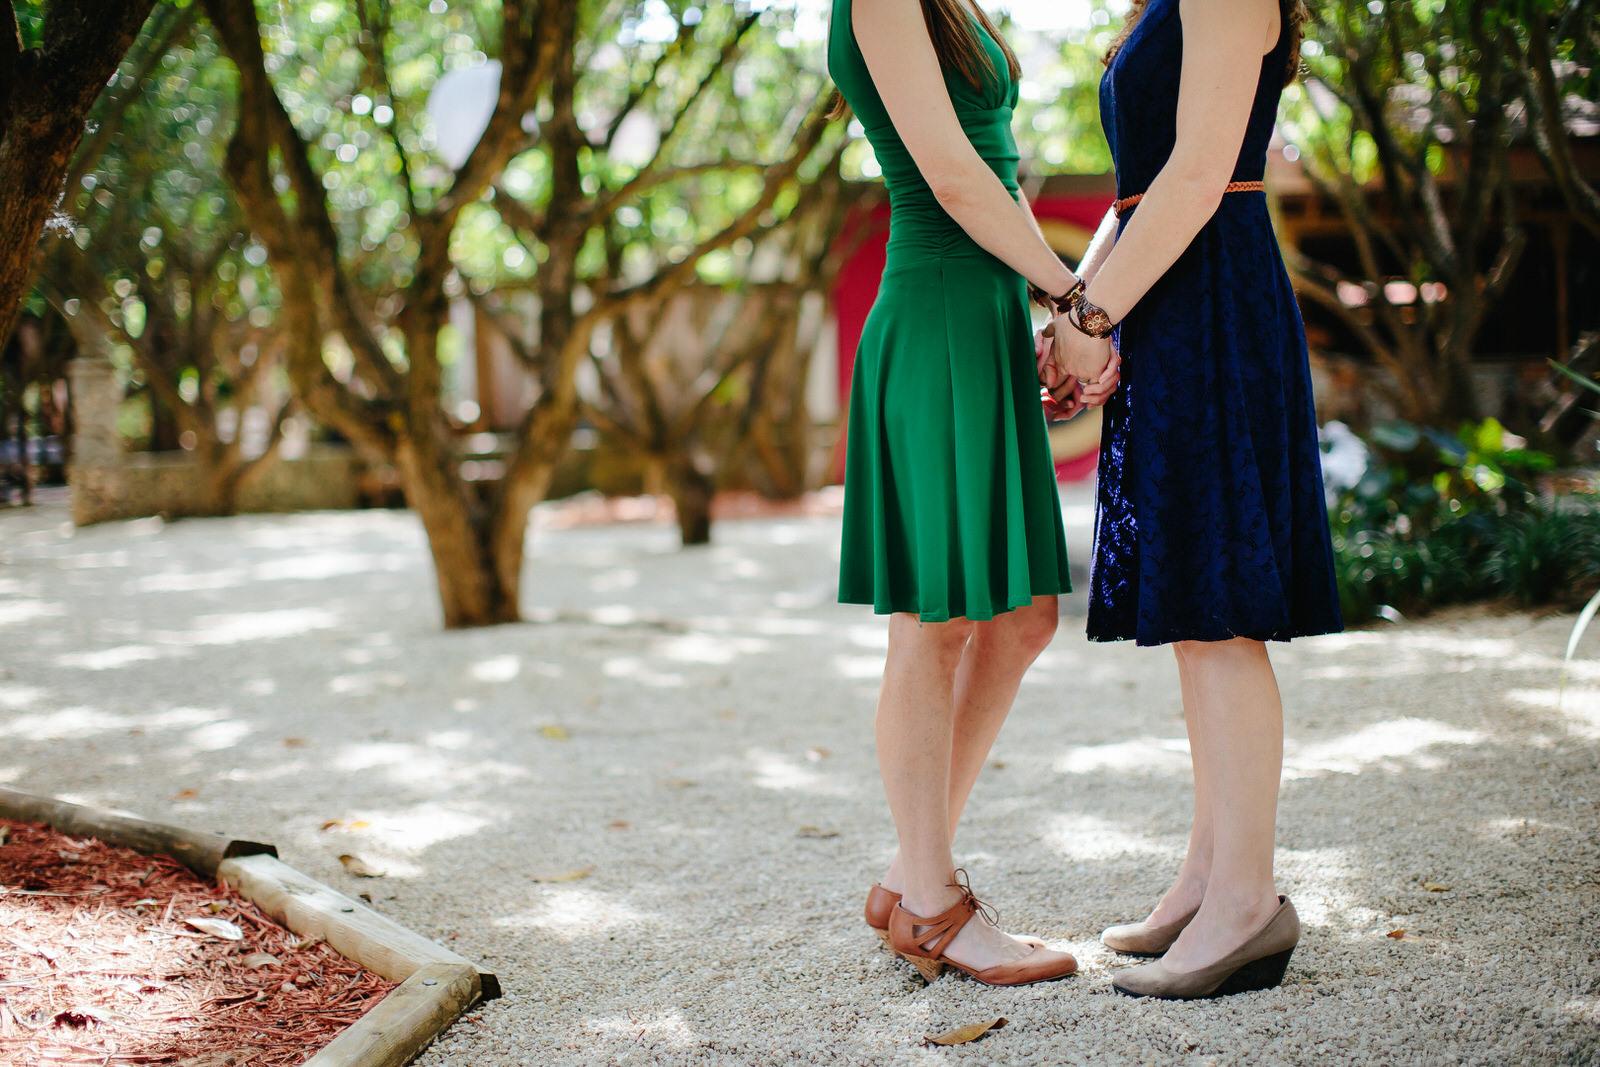 miami-engagement-session-redland-koi-garden-tiny-house-photo-same-sex-couple.jpg